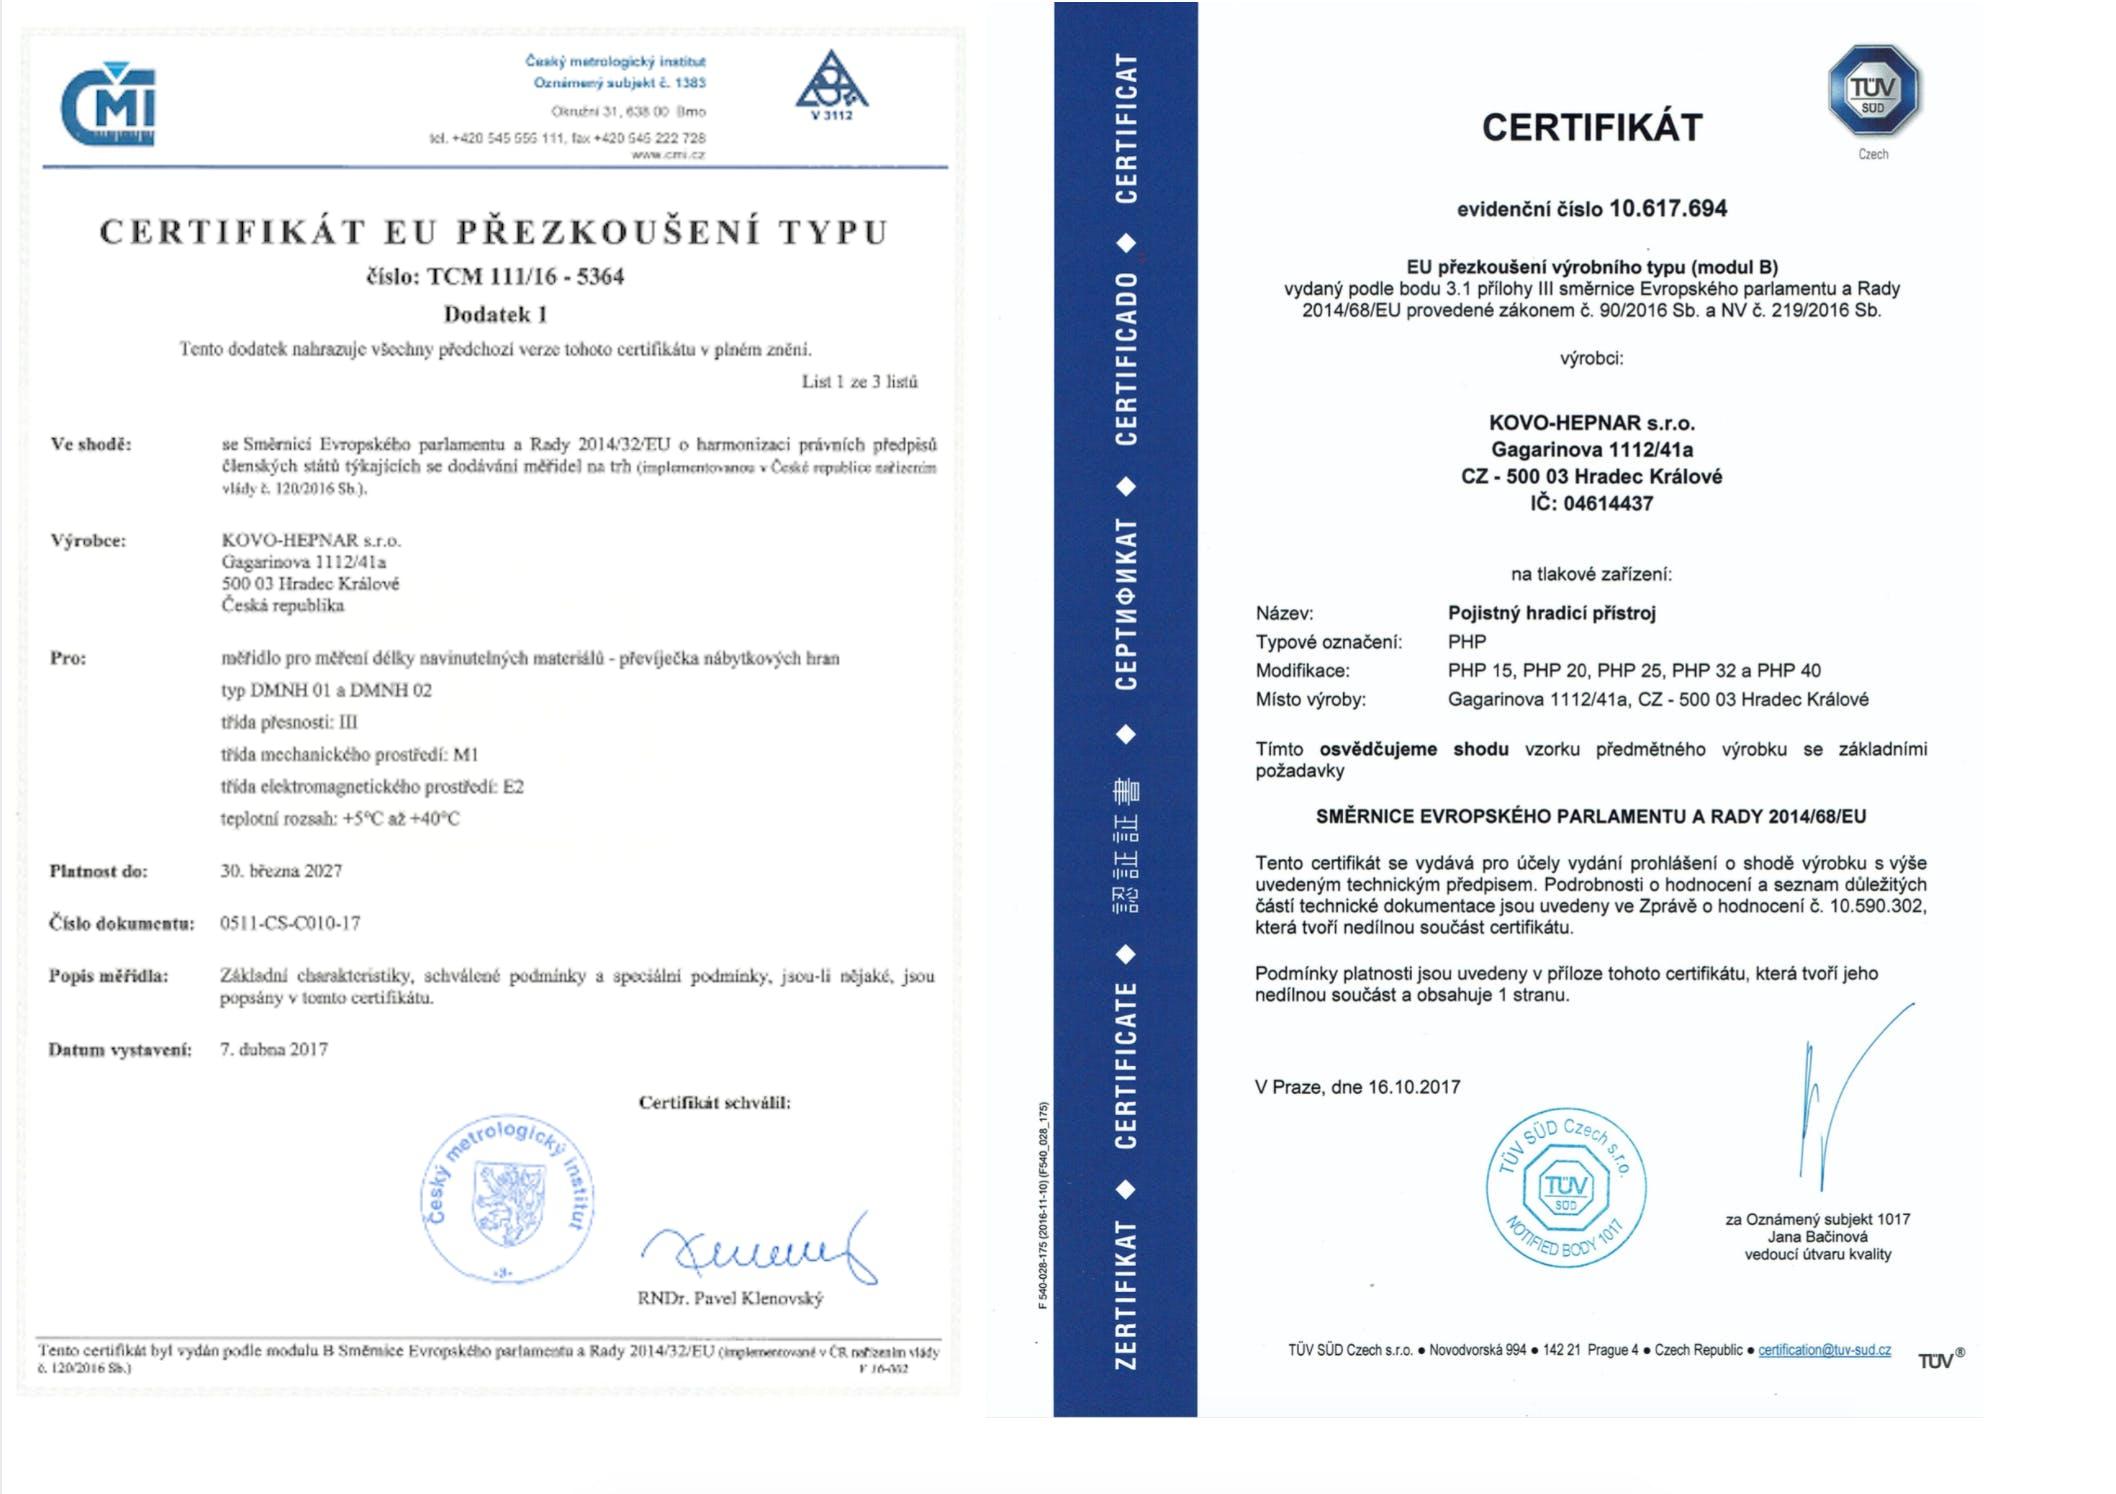 https://images.ctfassets.net/46updxjlh7o1/7oevnhTqyuvDNbo9MnaLSY/9df20d7f522e97c54ec7da9082861ef0/cmi-certificate.jpeg